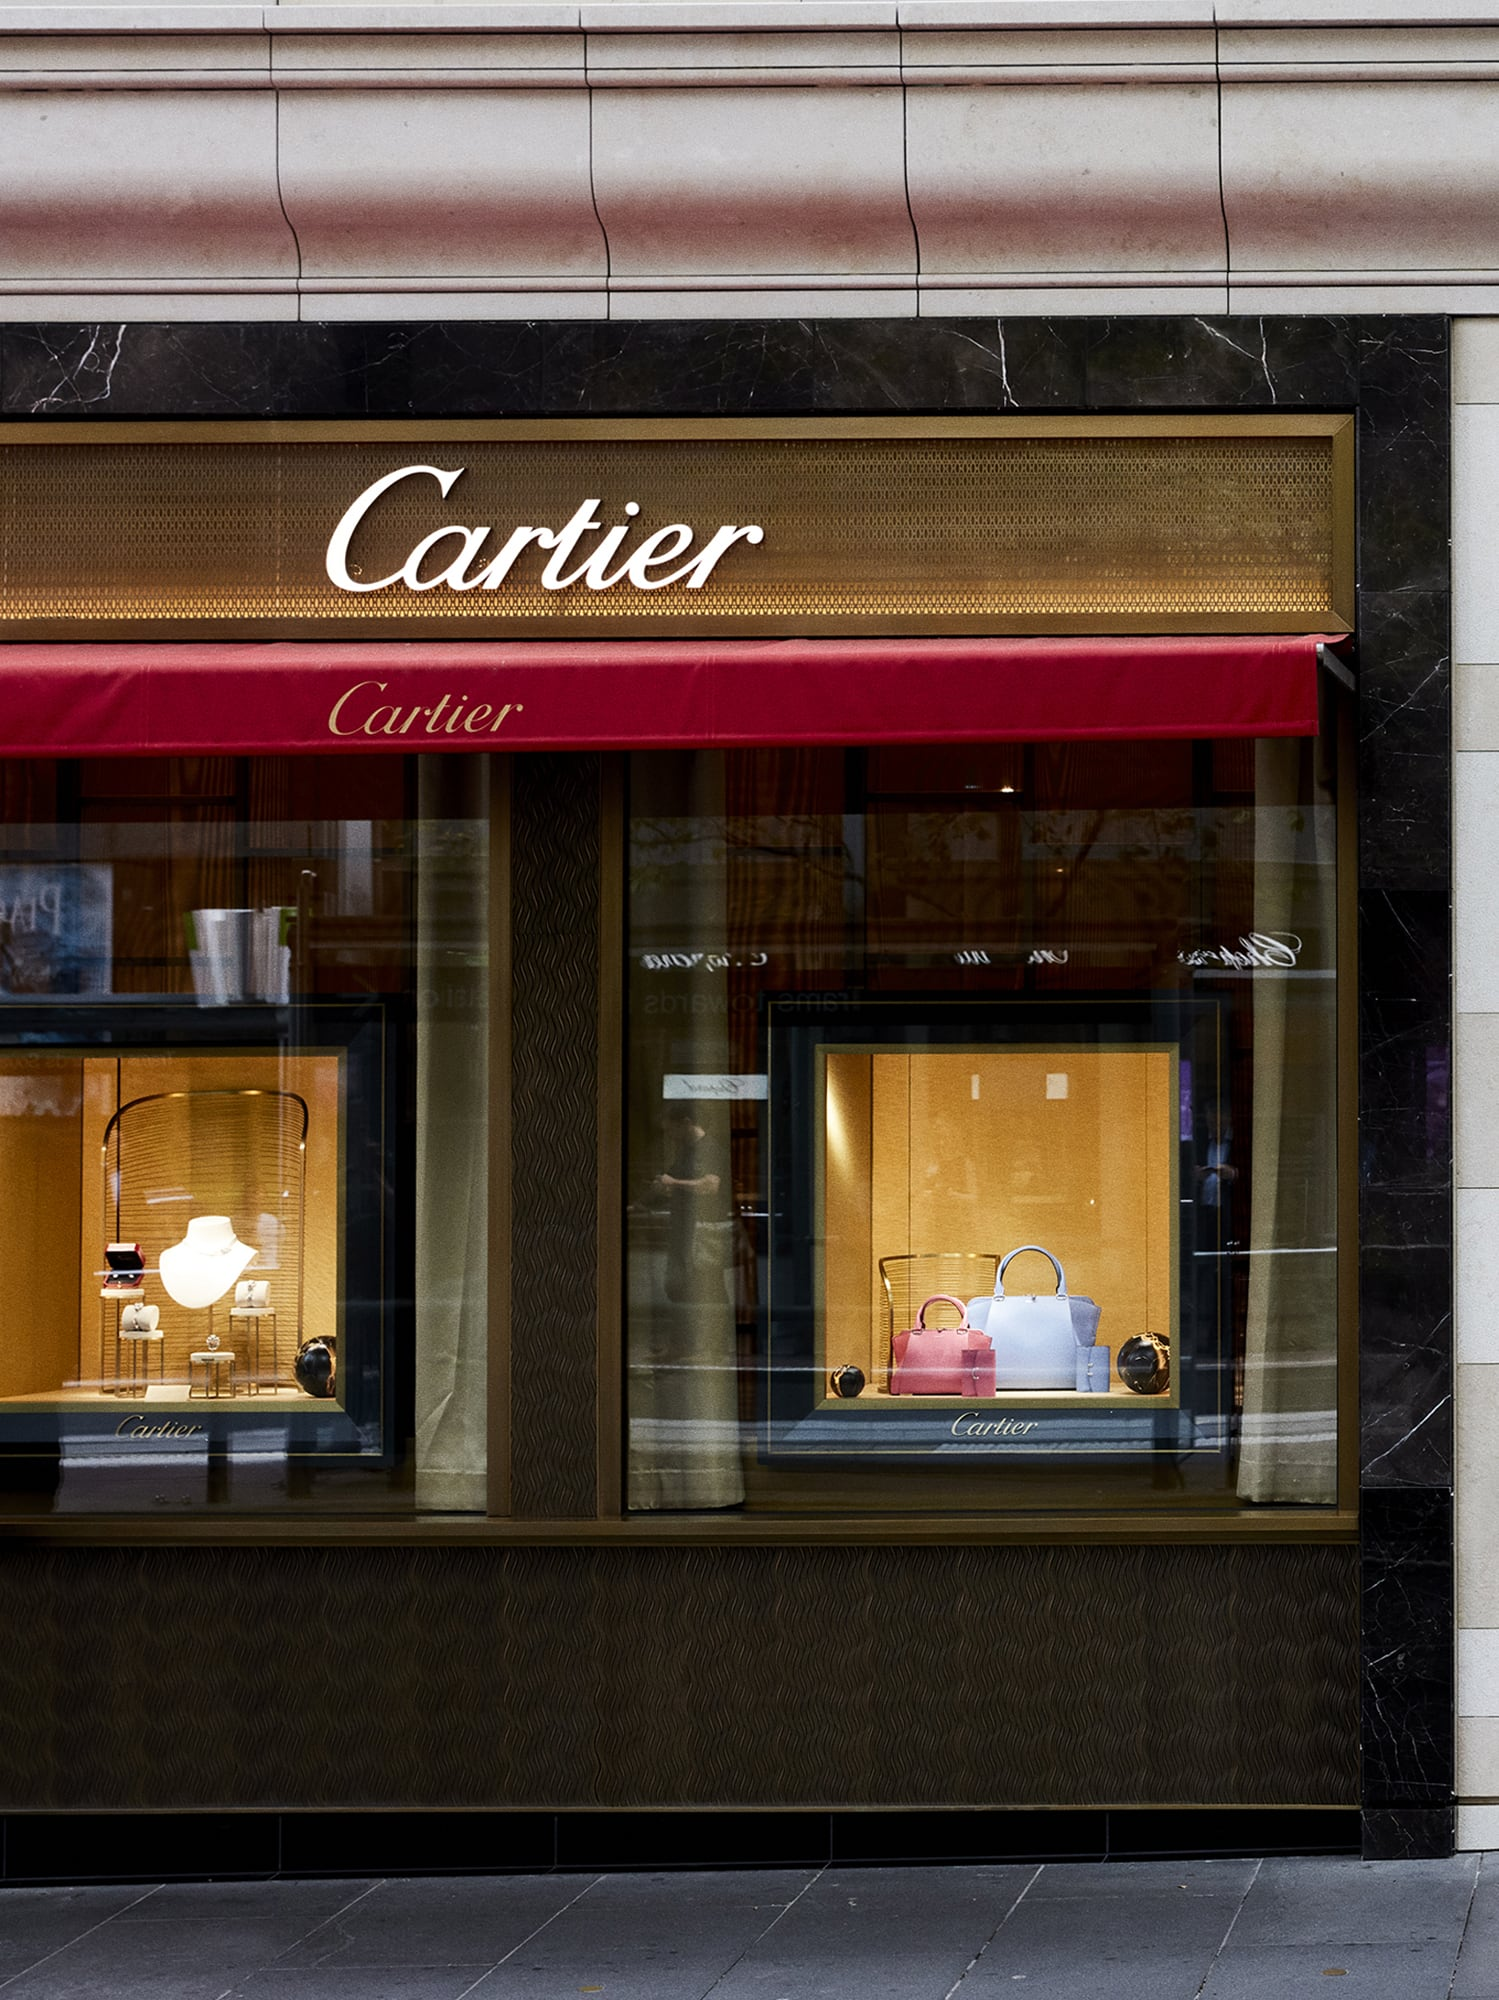 Cartier, Collins Street